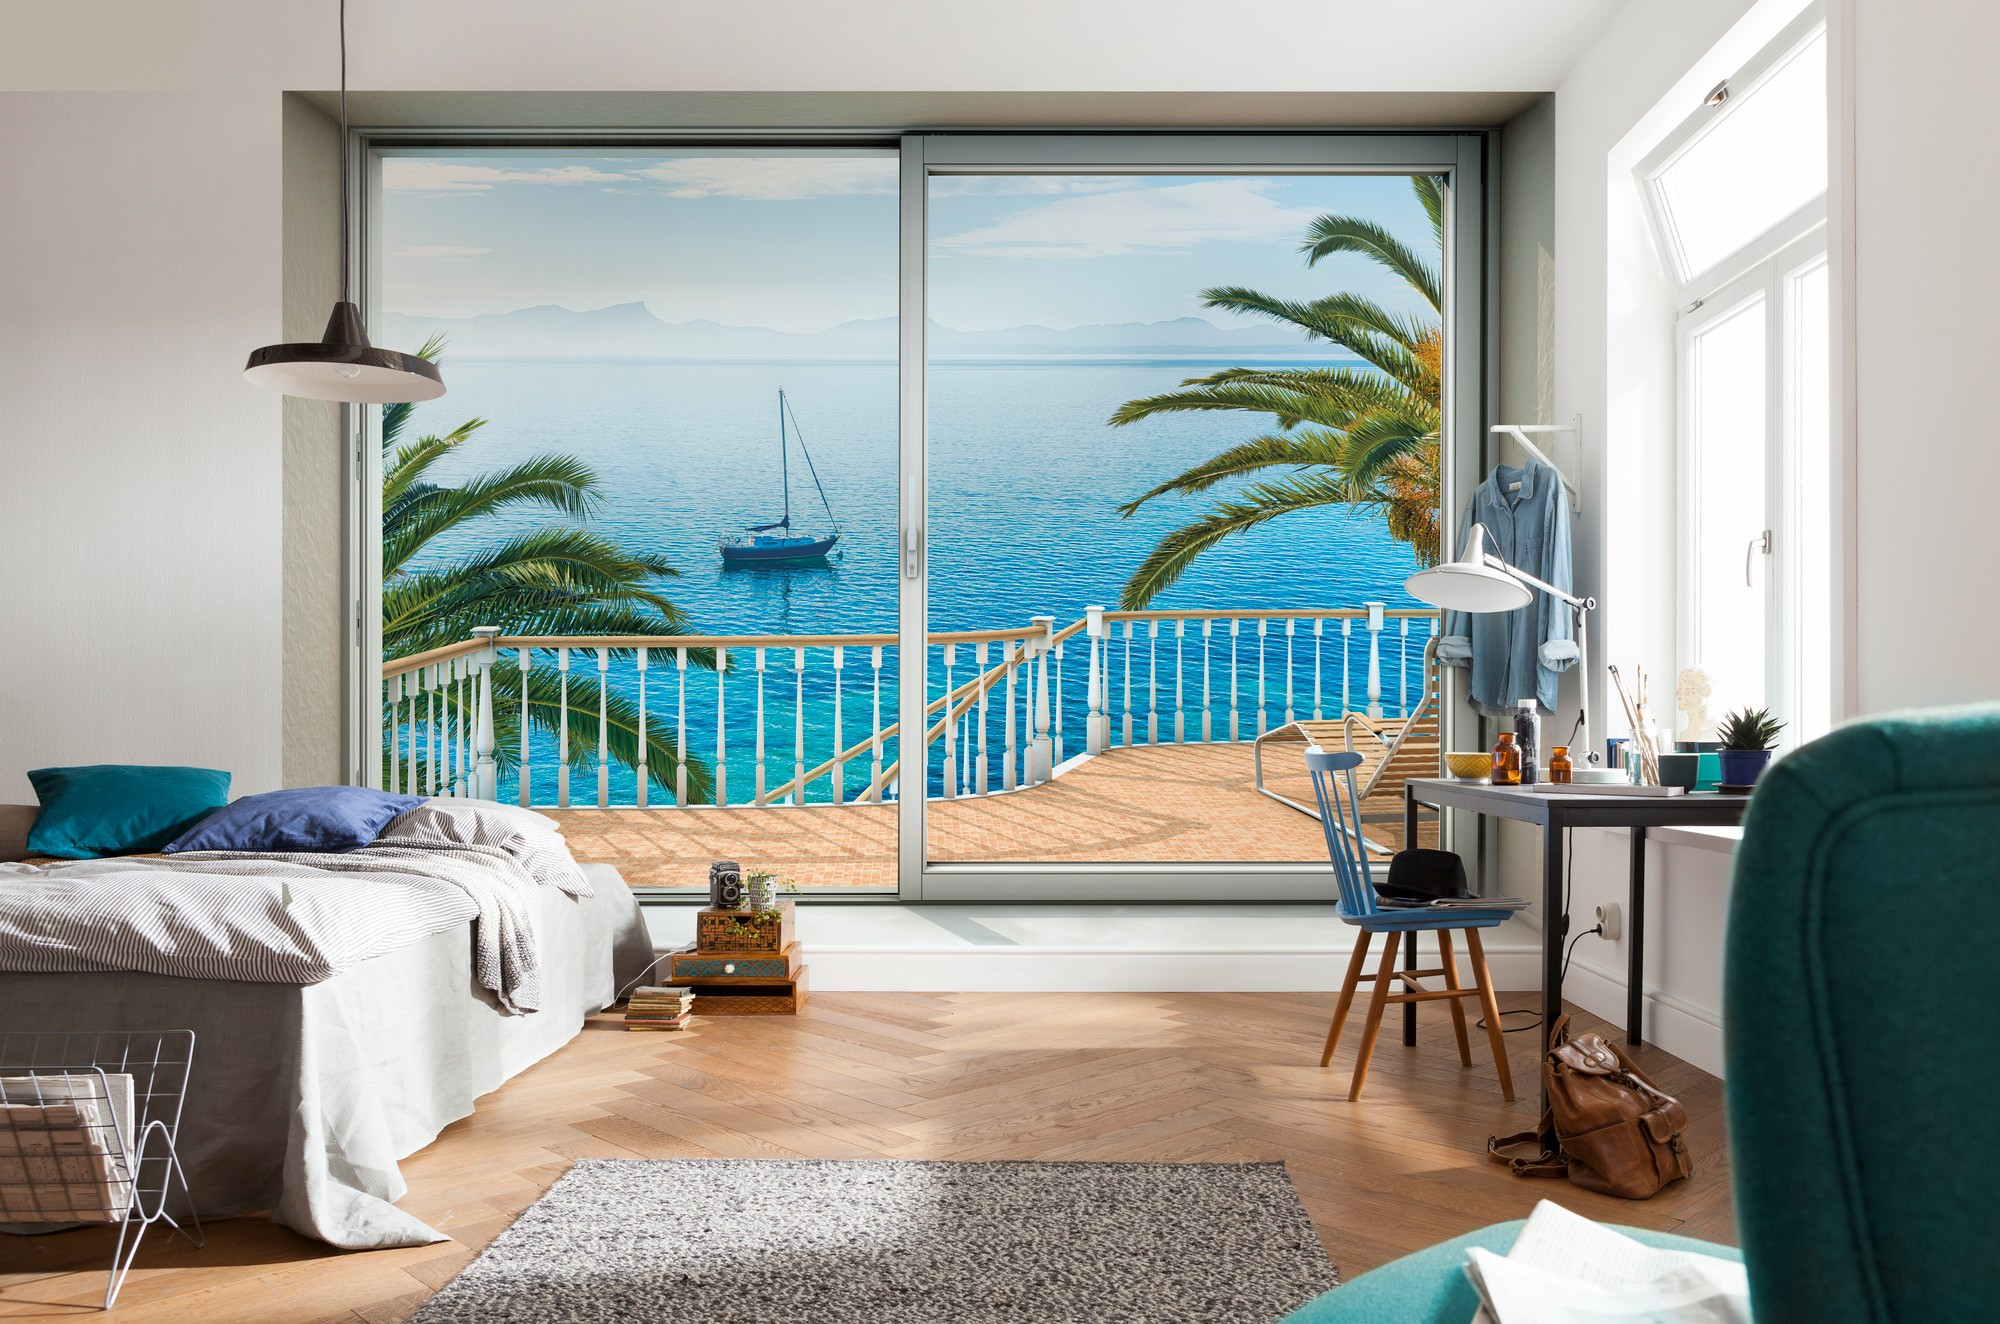 vliestapete tranquillo xxl4 050 von komar. Black Bedroom Furniture Sets. Home Design Ideas